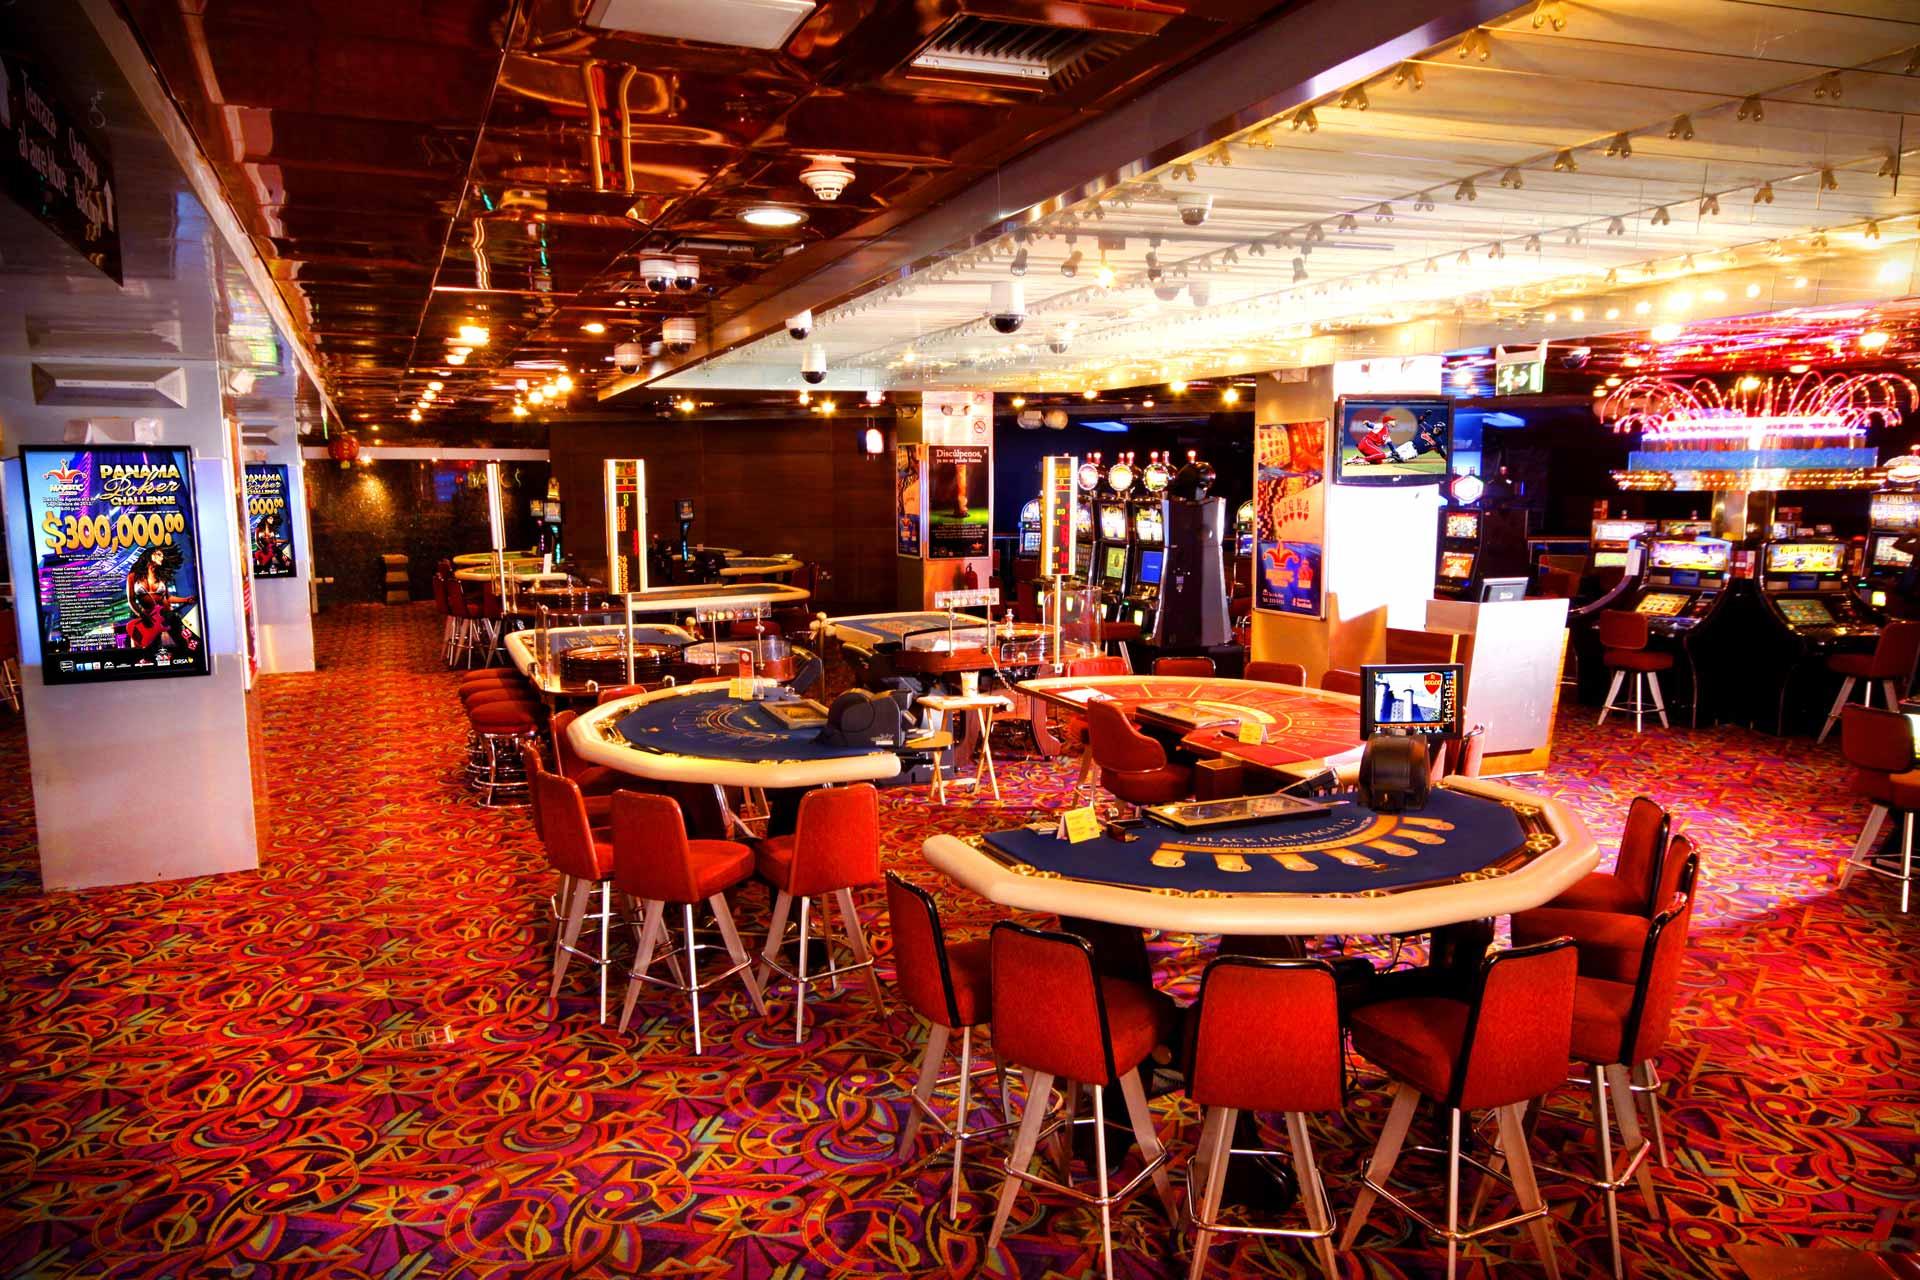 Sala juego Casino Majestic Panama city